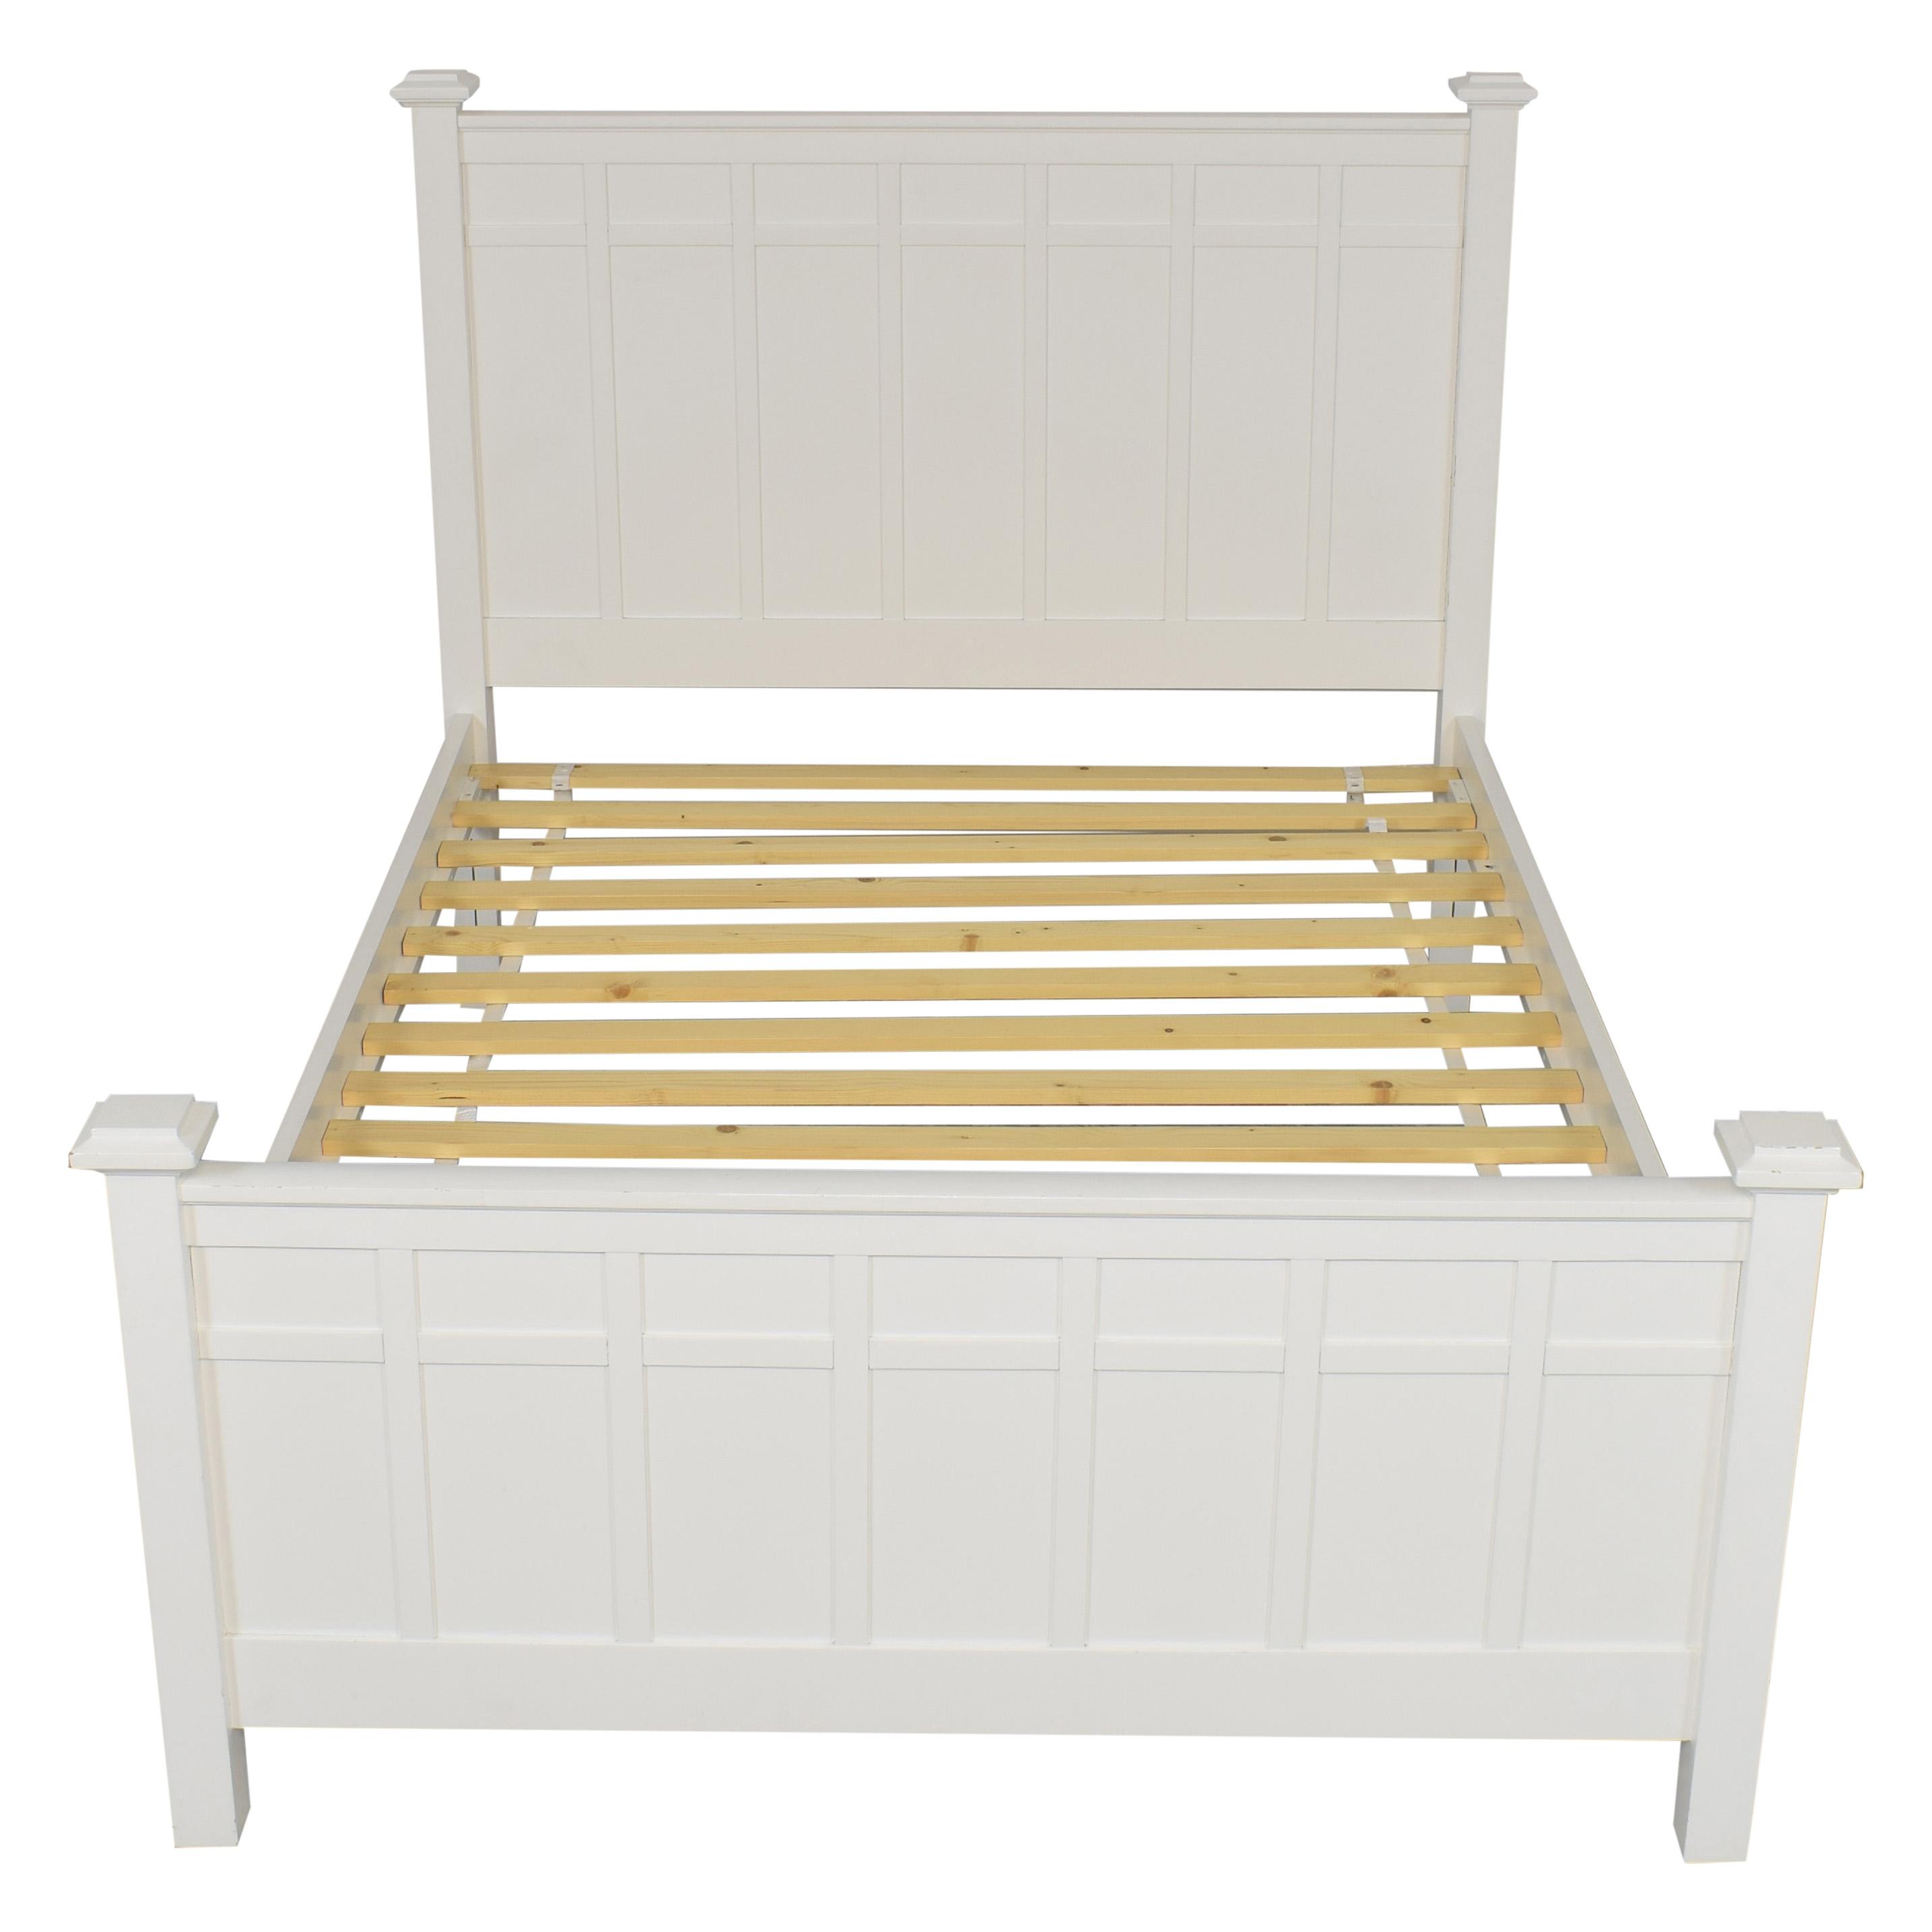 Crate & Barrel Full Bed Frame / Bed Frames